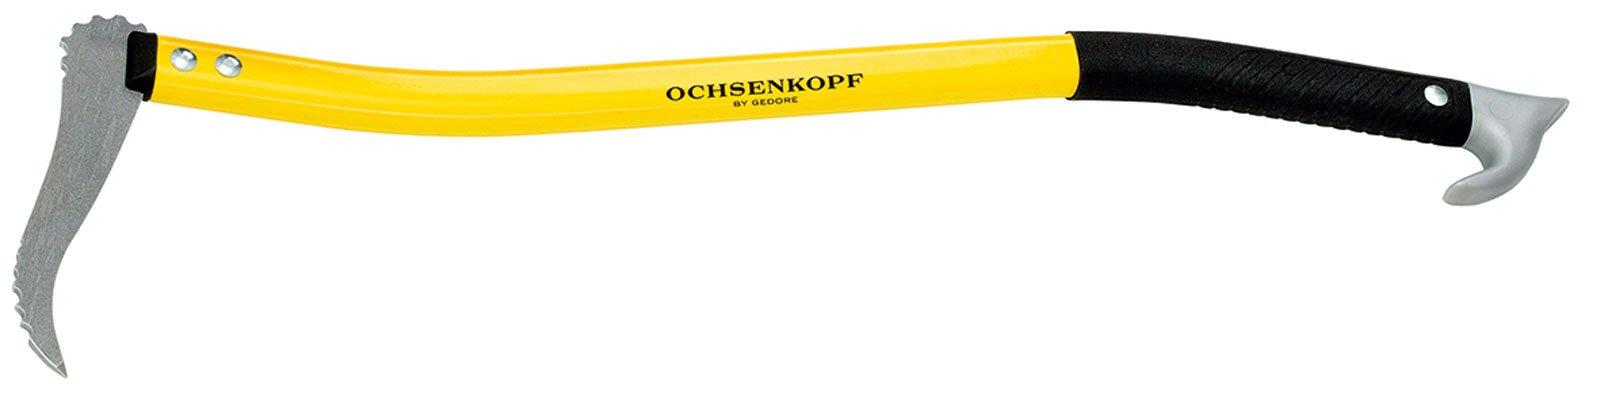 Ochsenkopf OX 172 A-0500 Aluminium Hookeroon